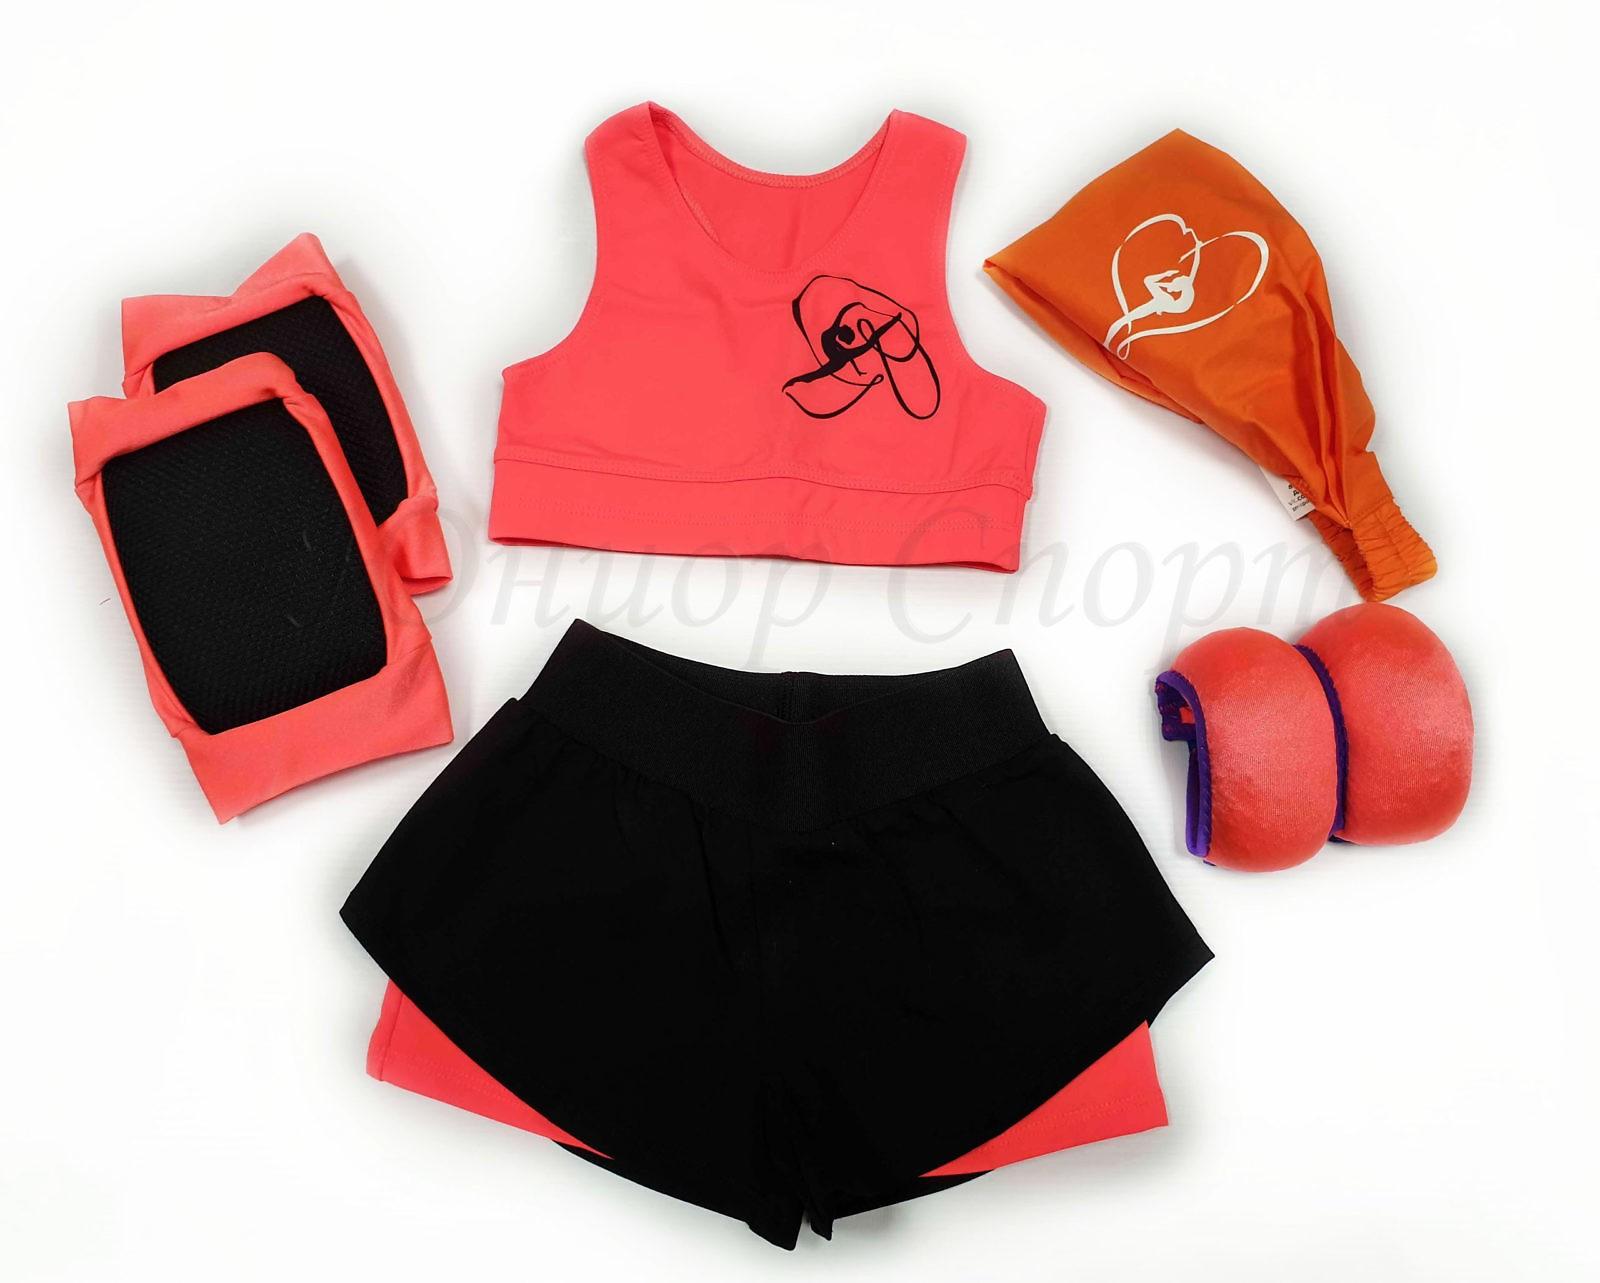 Акция! Комплект одежды для тренировки 6 предметов в ас. - Оранж